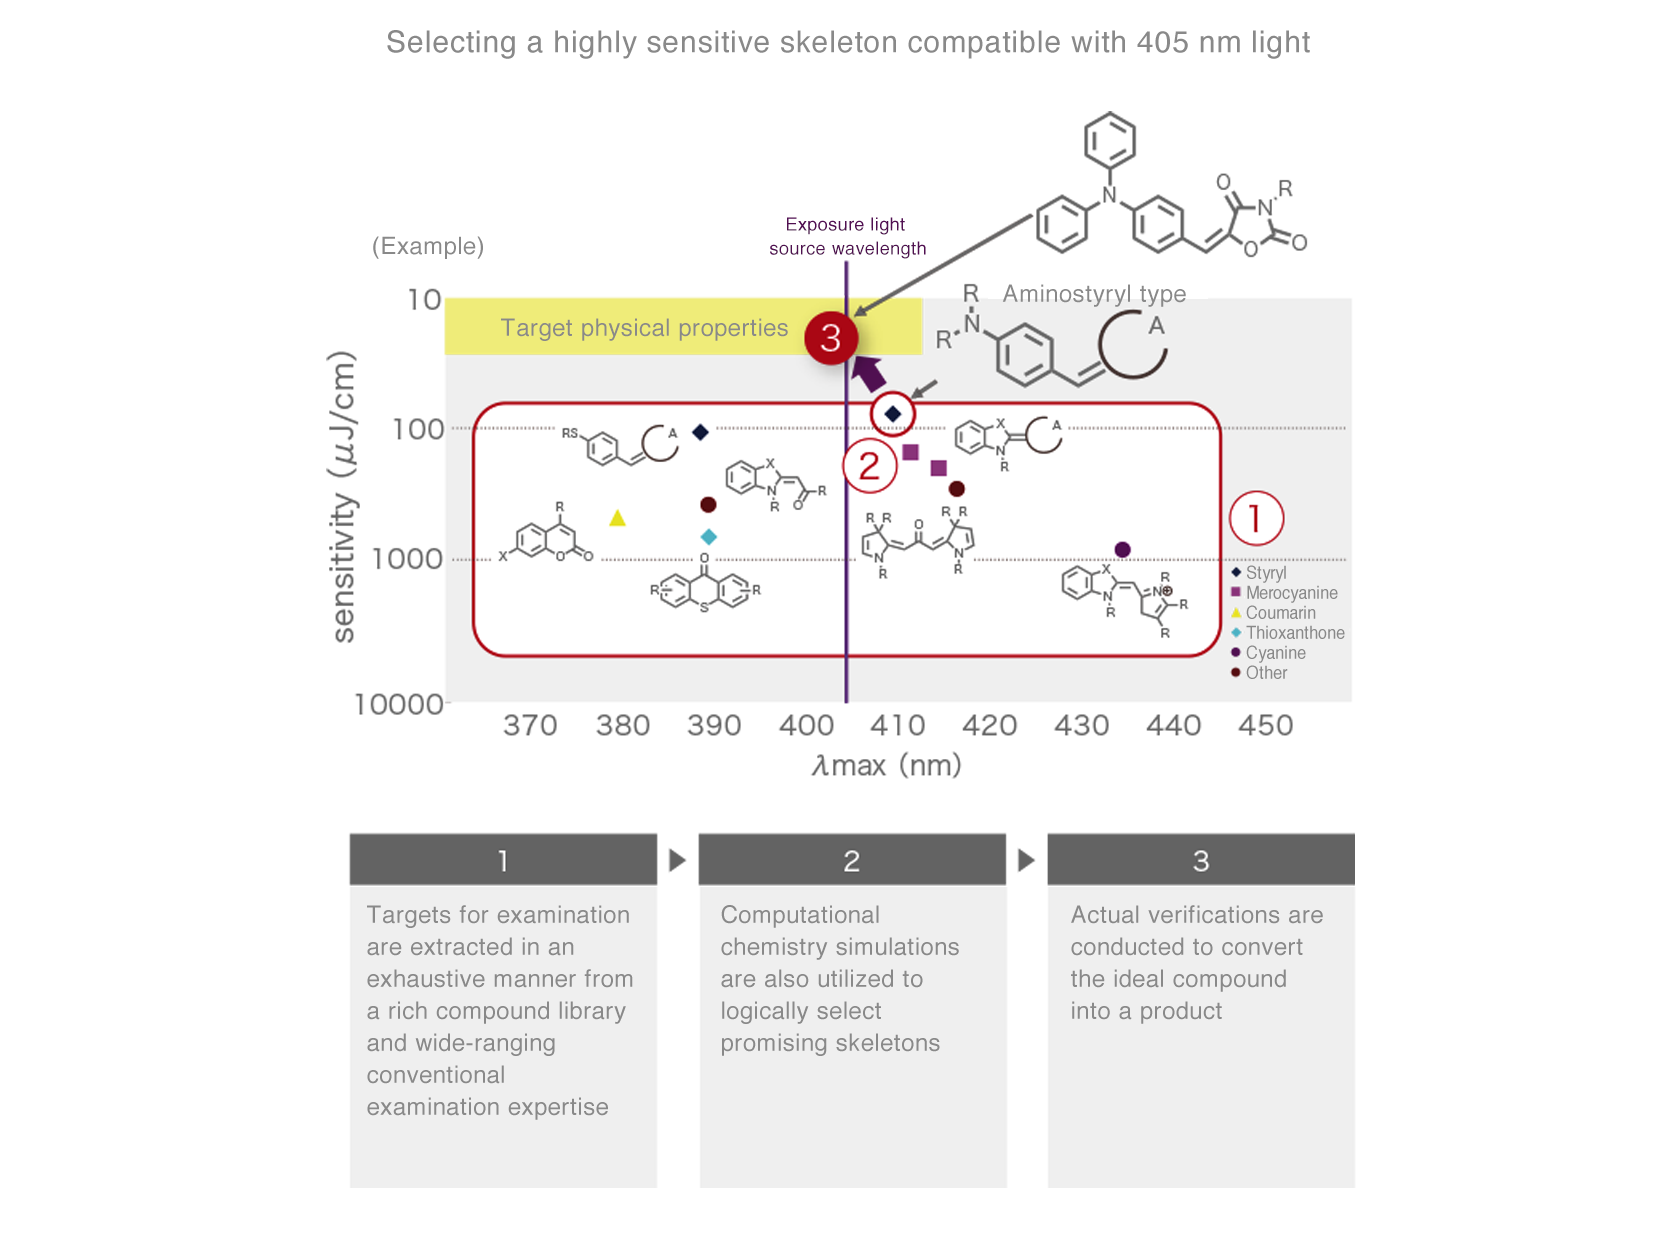 [image] Molecular design capabilities